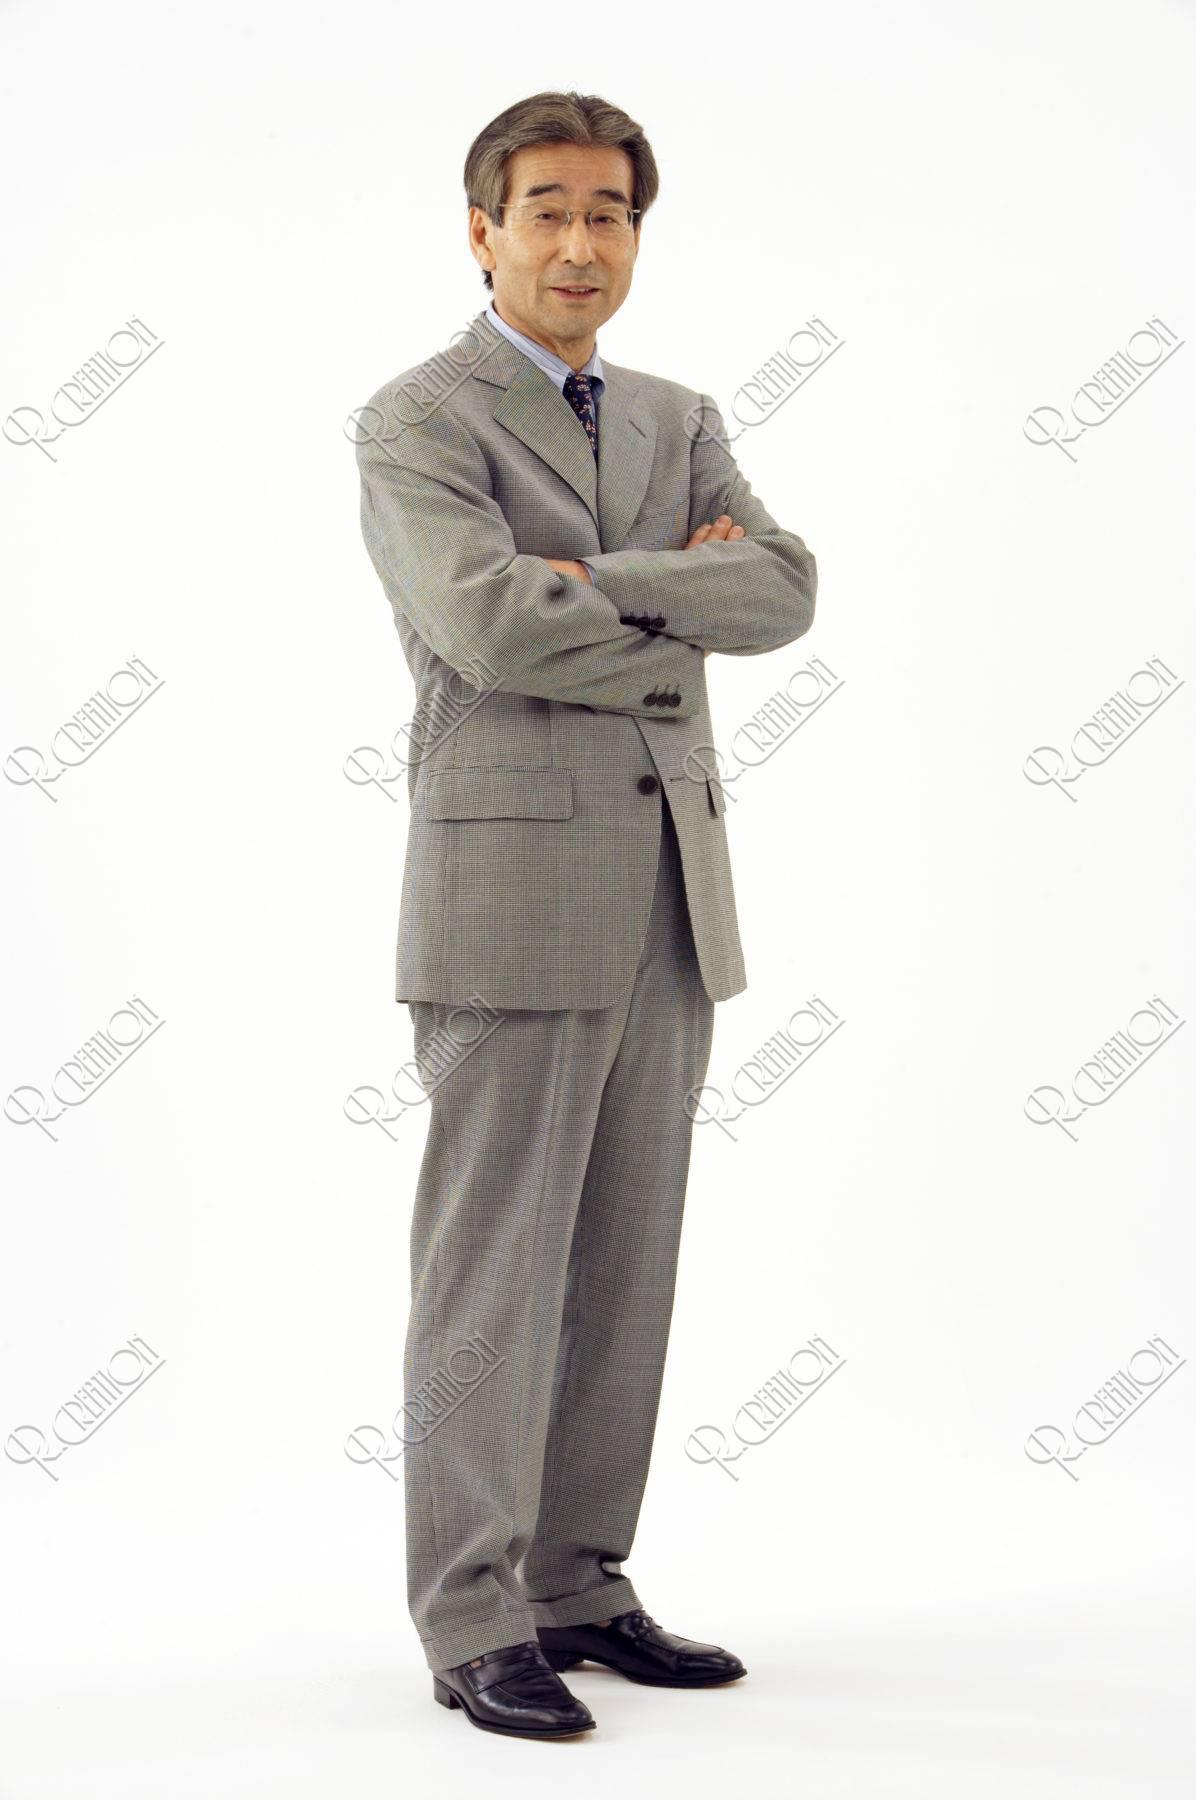 スーツ姿の熟年男性